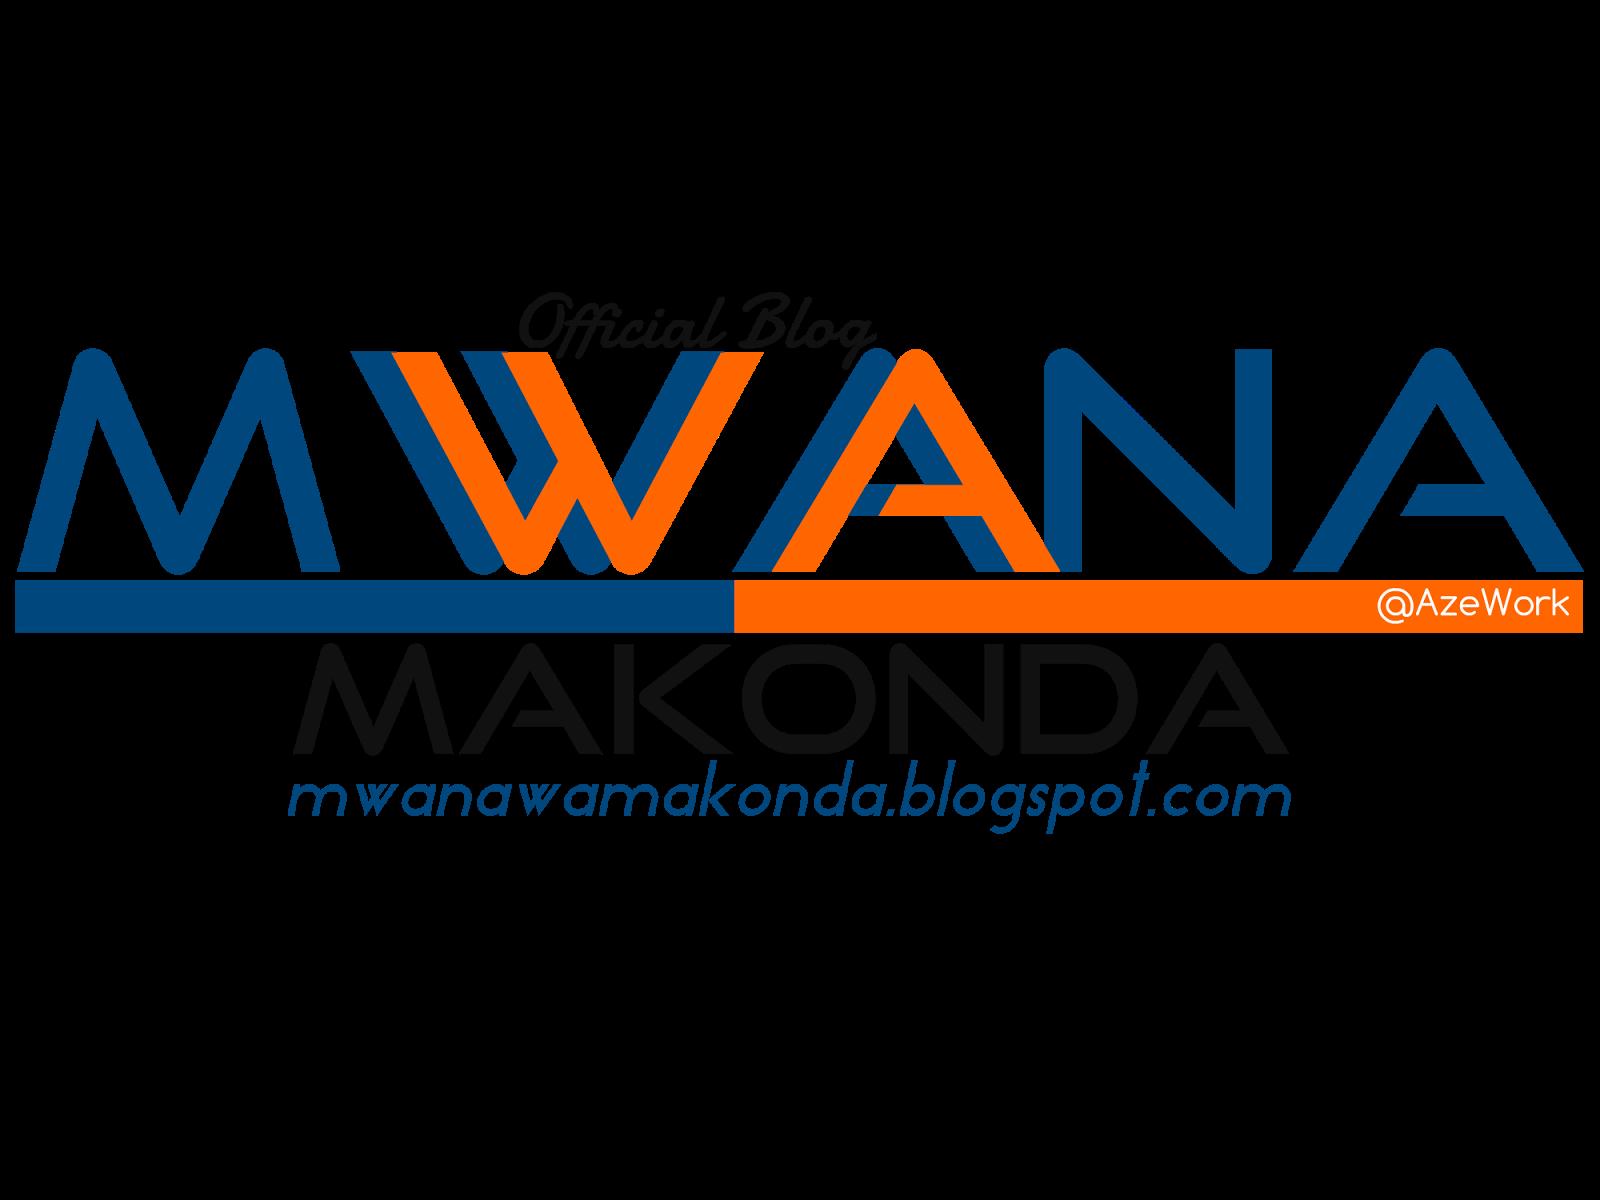 Mwana Wa Makonda